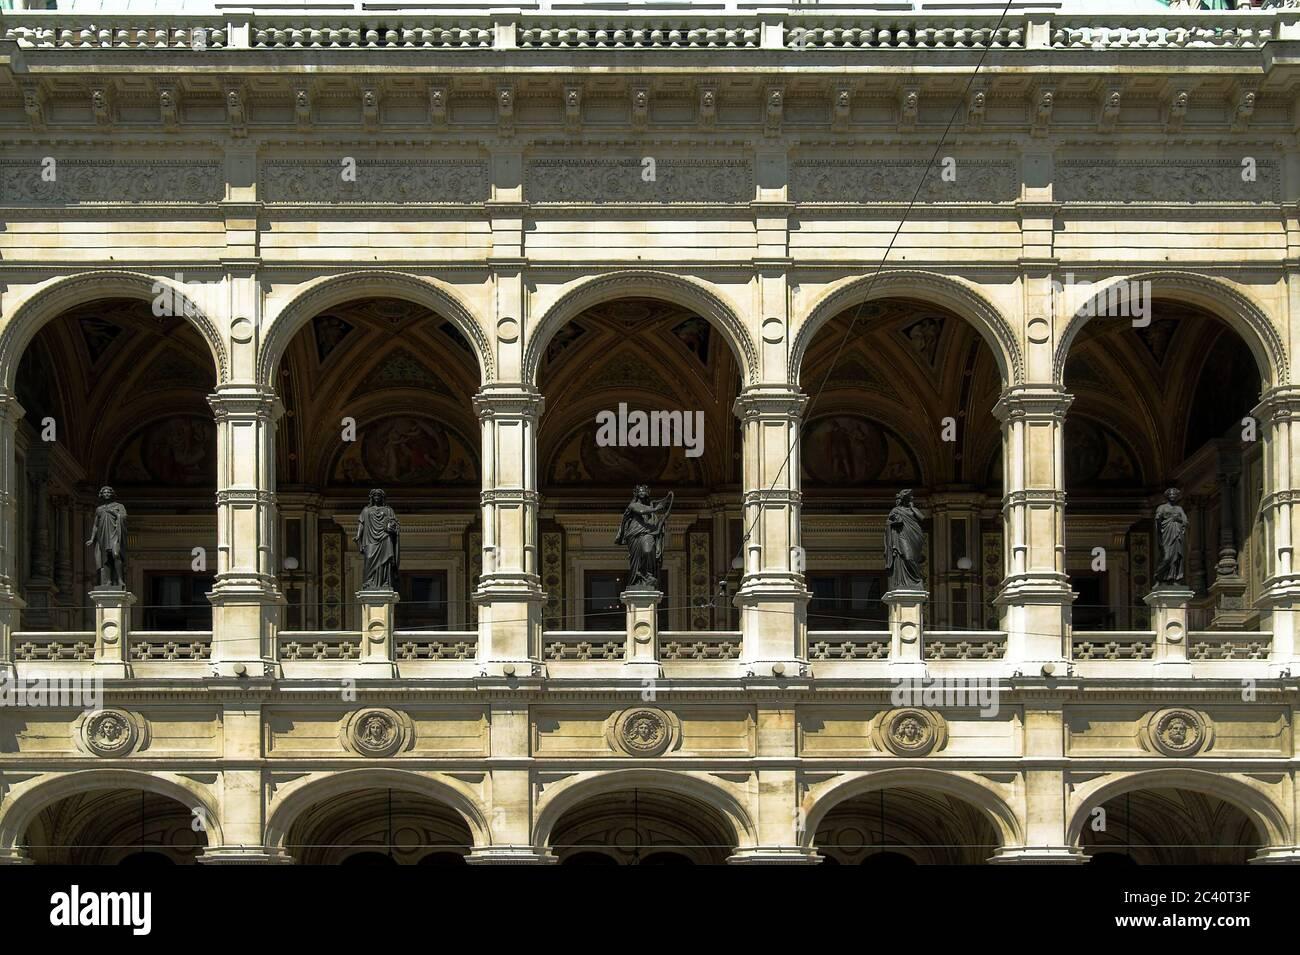 Wiedeń, Viena, Viena, Viena, Ópera Estatal; Wiener Staatsoper; Opera Wiedeńska - fragmento del edificio; Fragment des Gebäudes Foto de stock